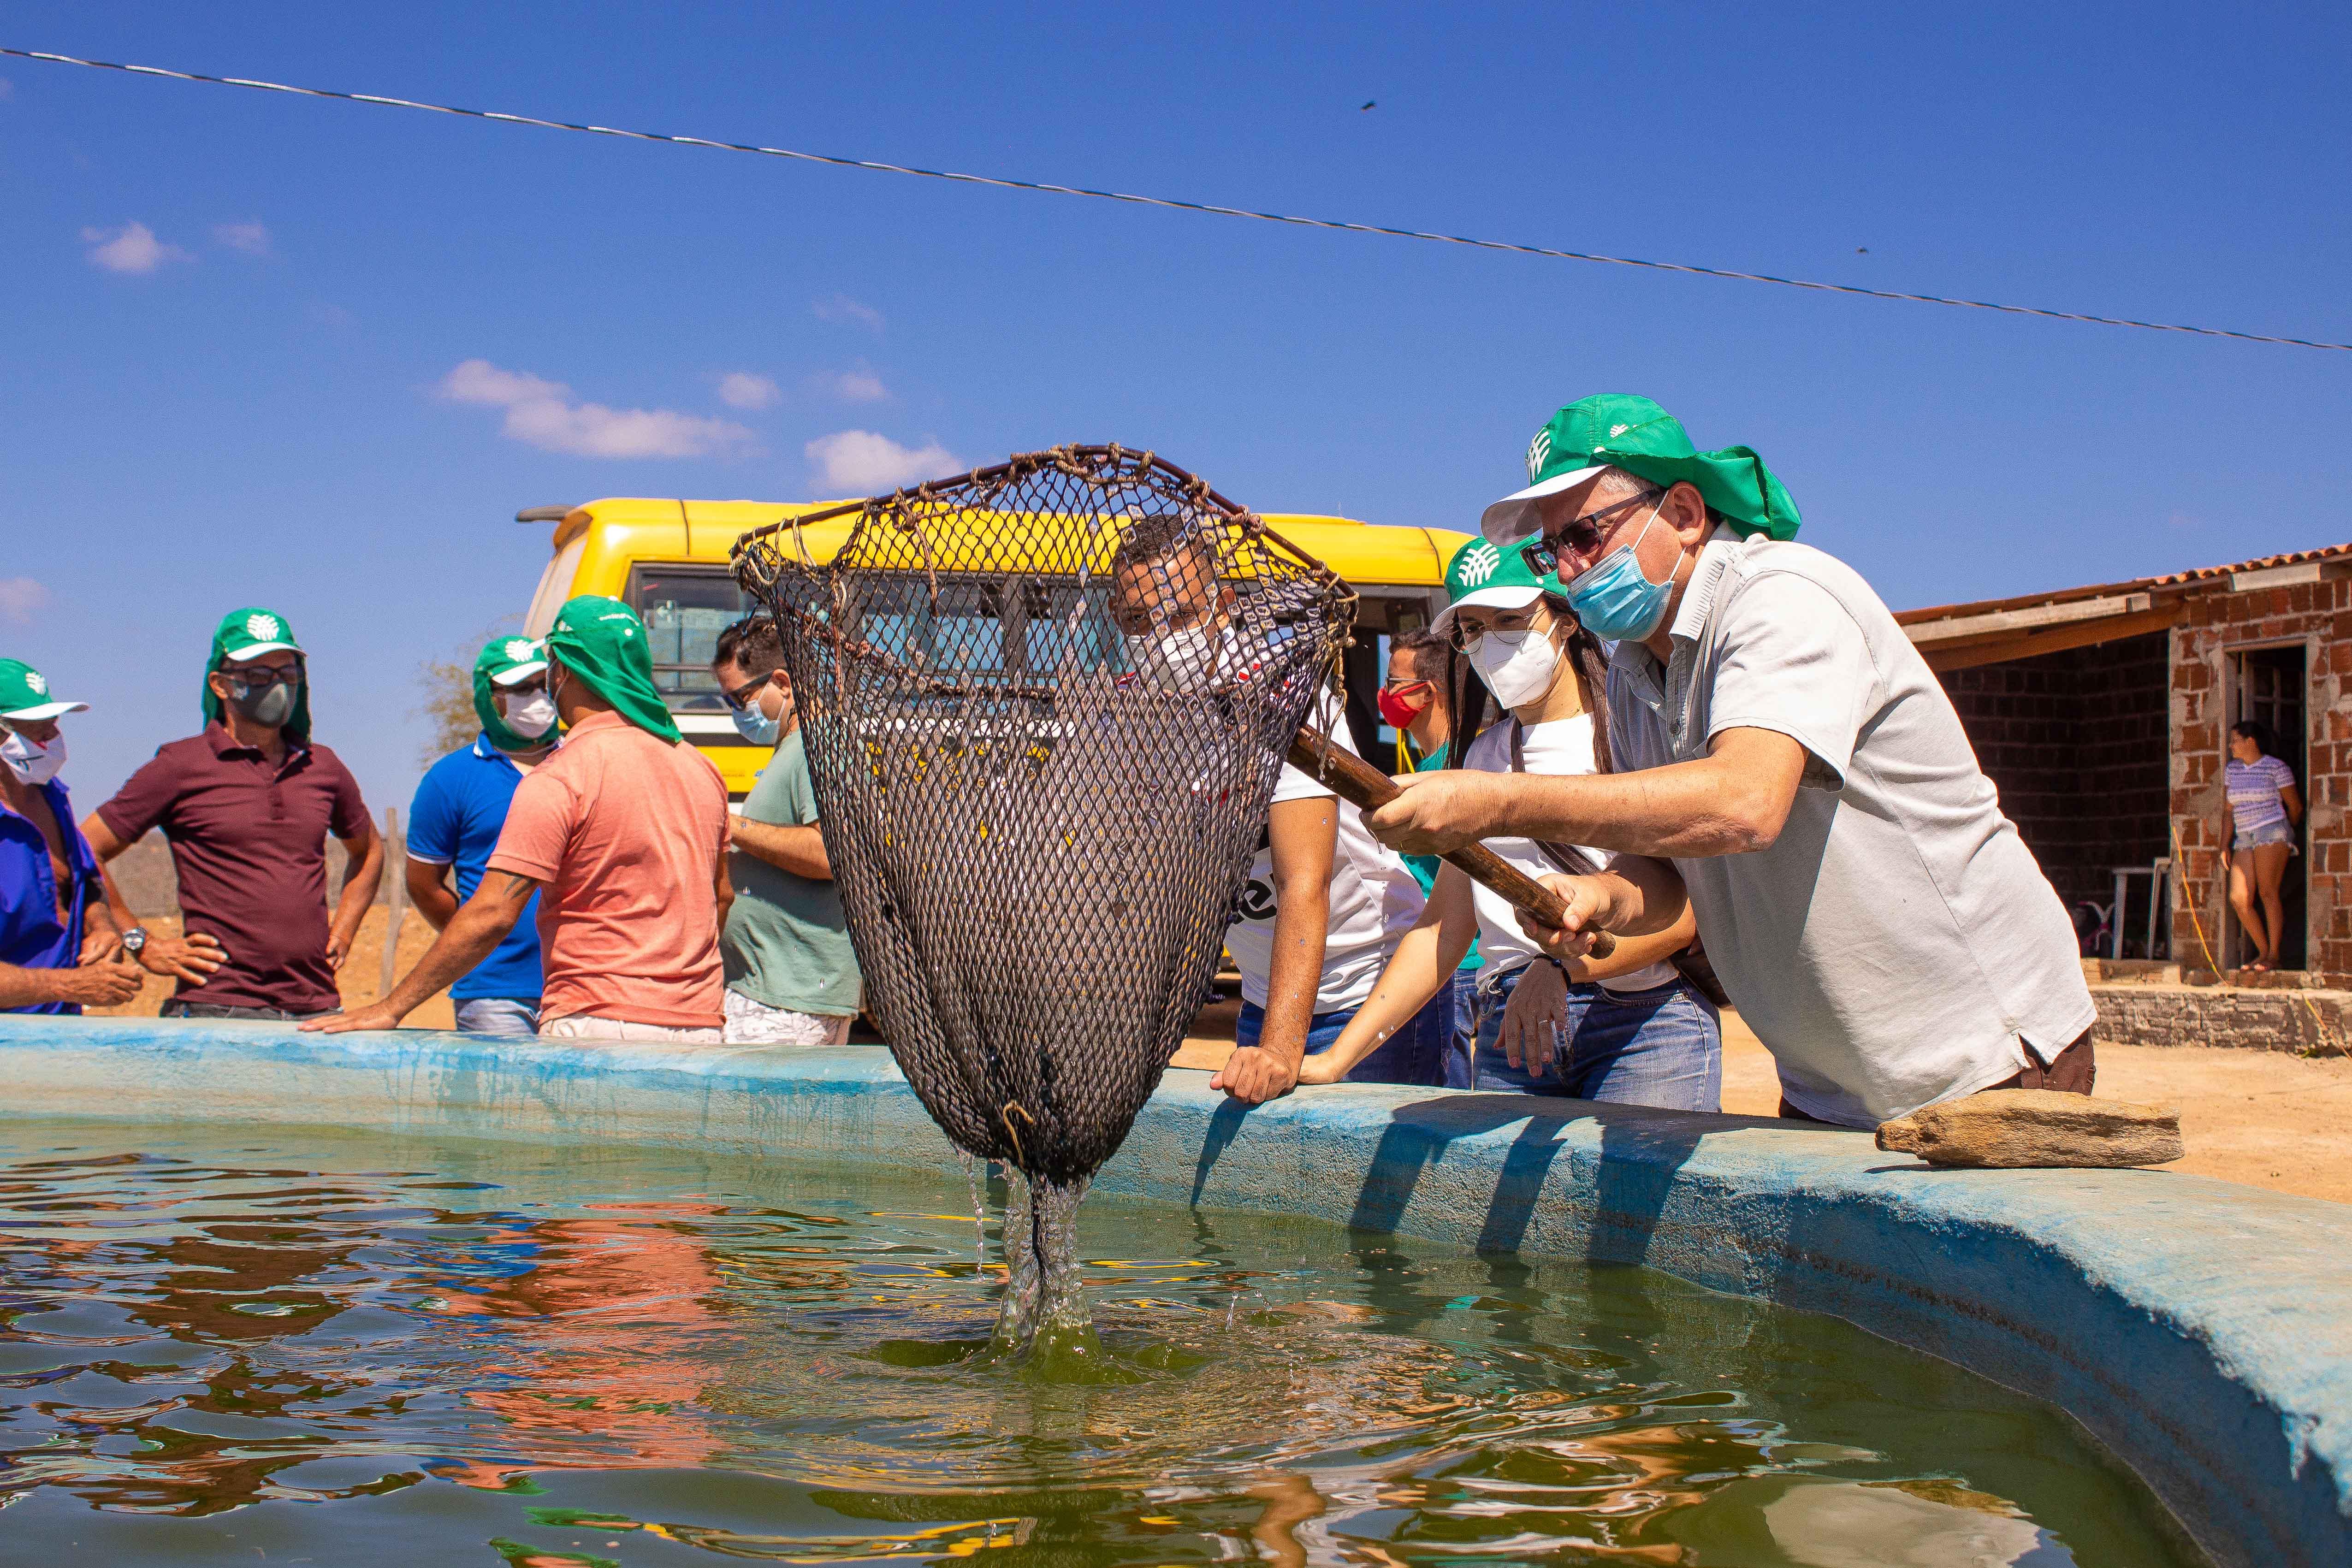 2021-09-17-e-19-curso-piscicultura-francisco-cesar-4700.jpg